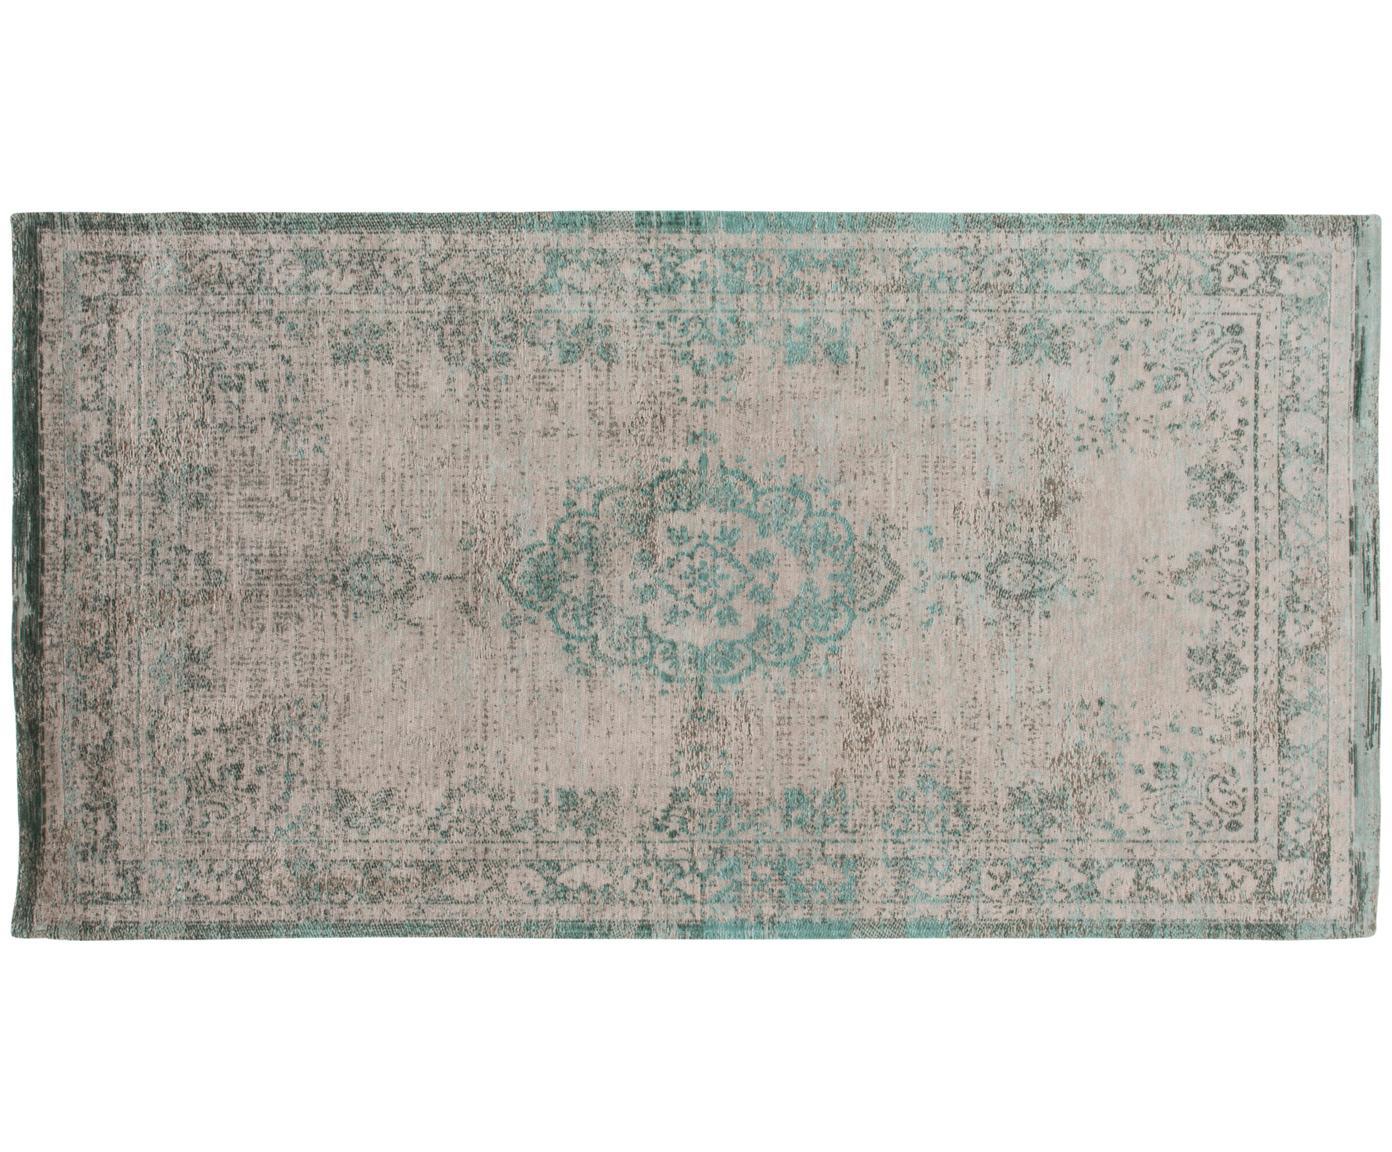 Vintage Chenilleteppich Medaillon, Vorderseite: 100% Chenillegarn (Baumwo, Webart: Jacquard, Rückseite: Chenillegarn, latexbeschi, Grün, Rosa, B 80 x L 150 cm (Größe XS)